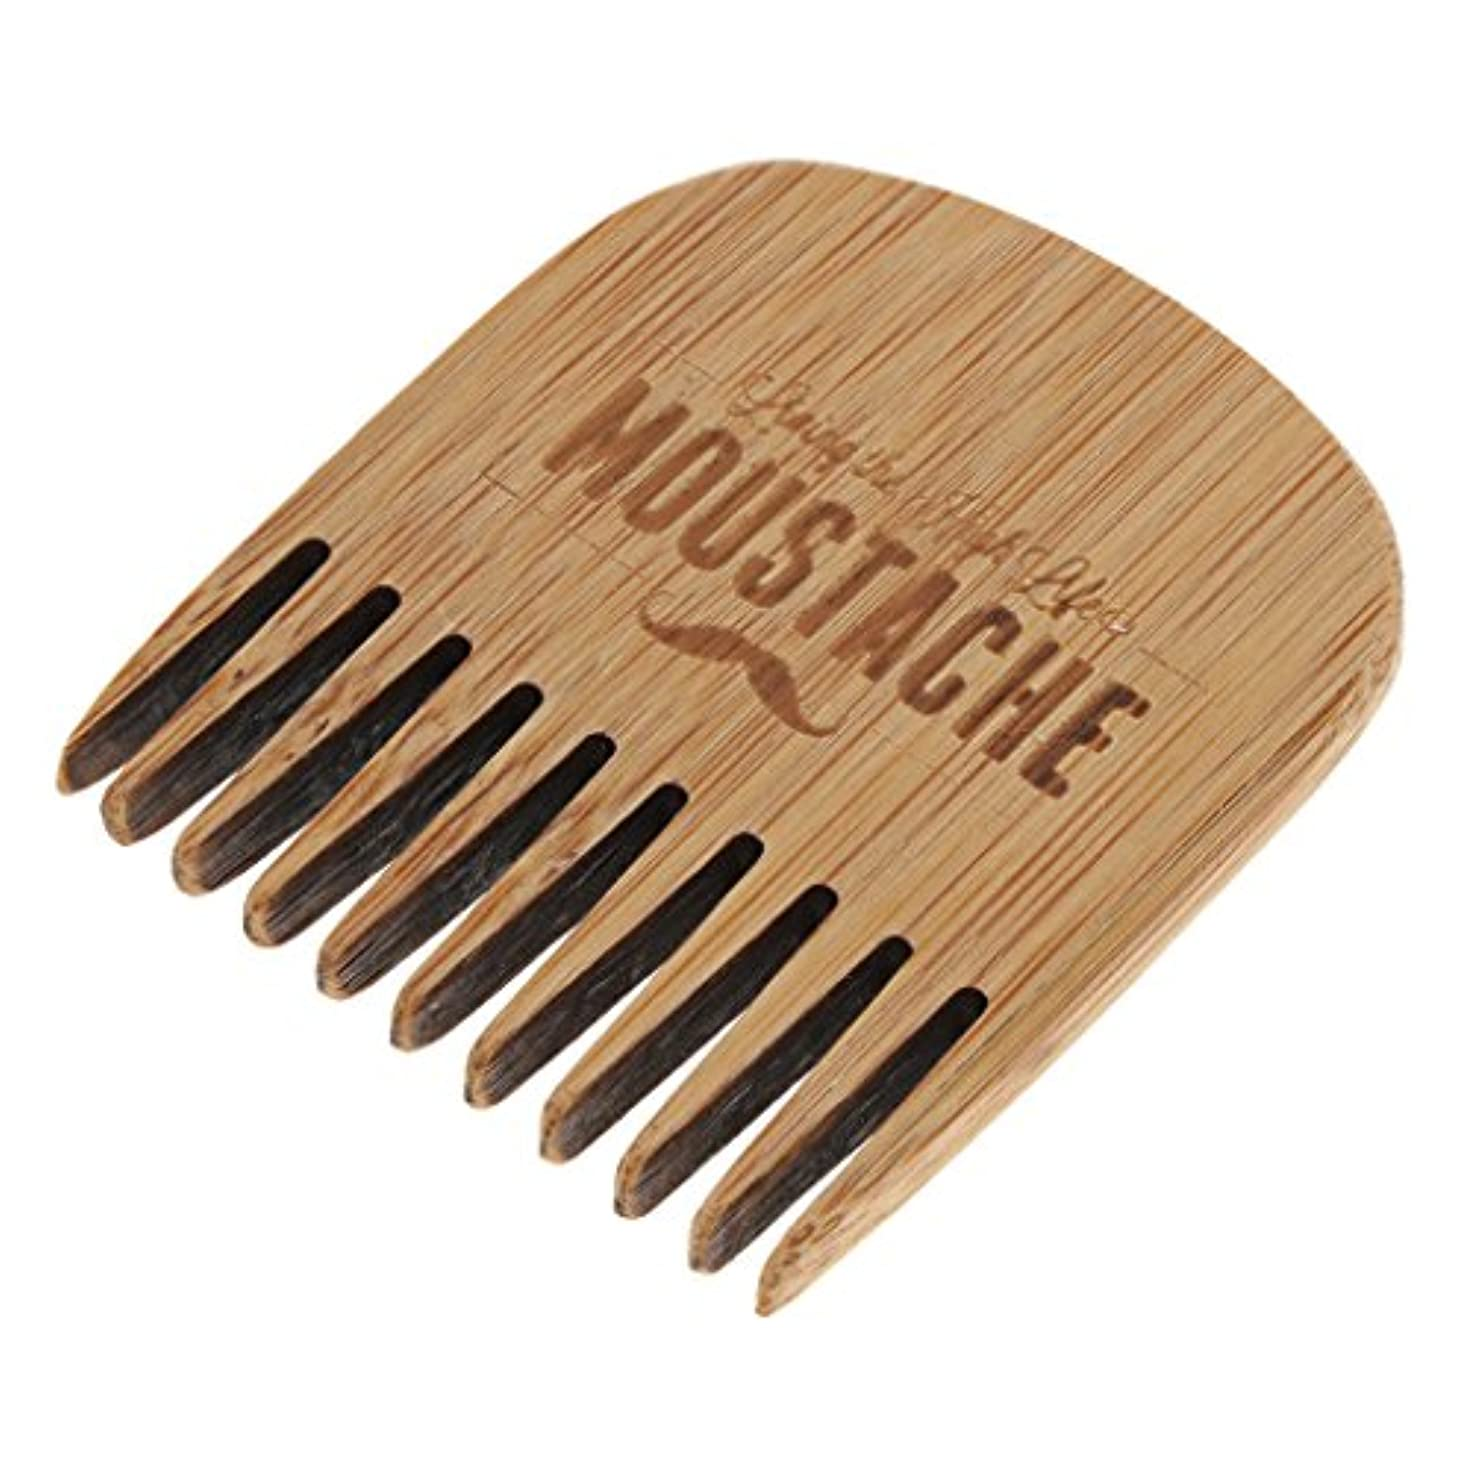 詳細な長椅子談話木製櫛 木製コーム ヘアコーム ヘアダイコーム ヘアブラシ ひげ櫛 ヘアスタイリング 用品